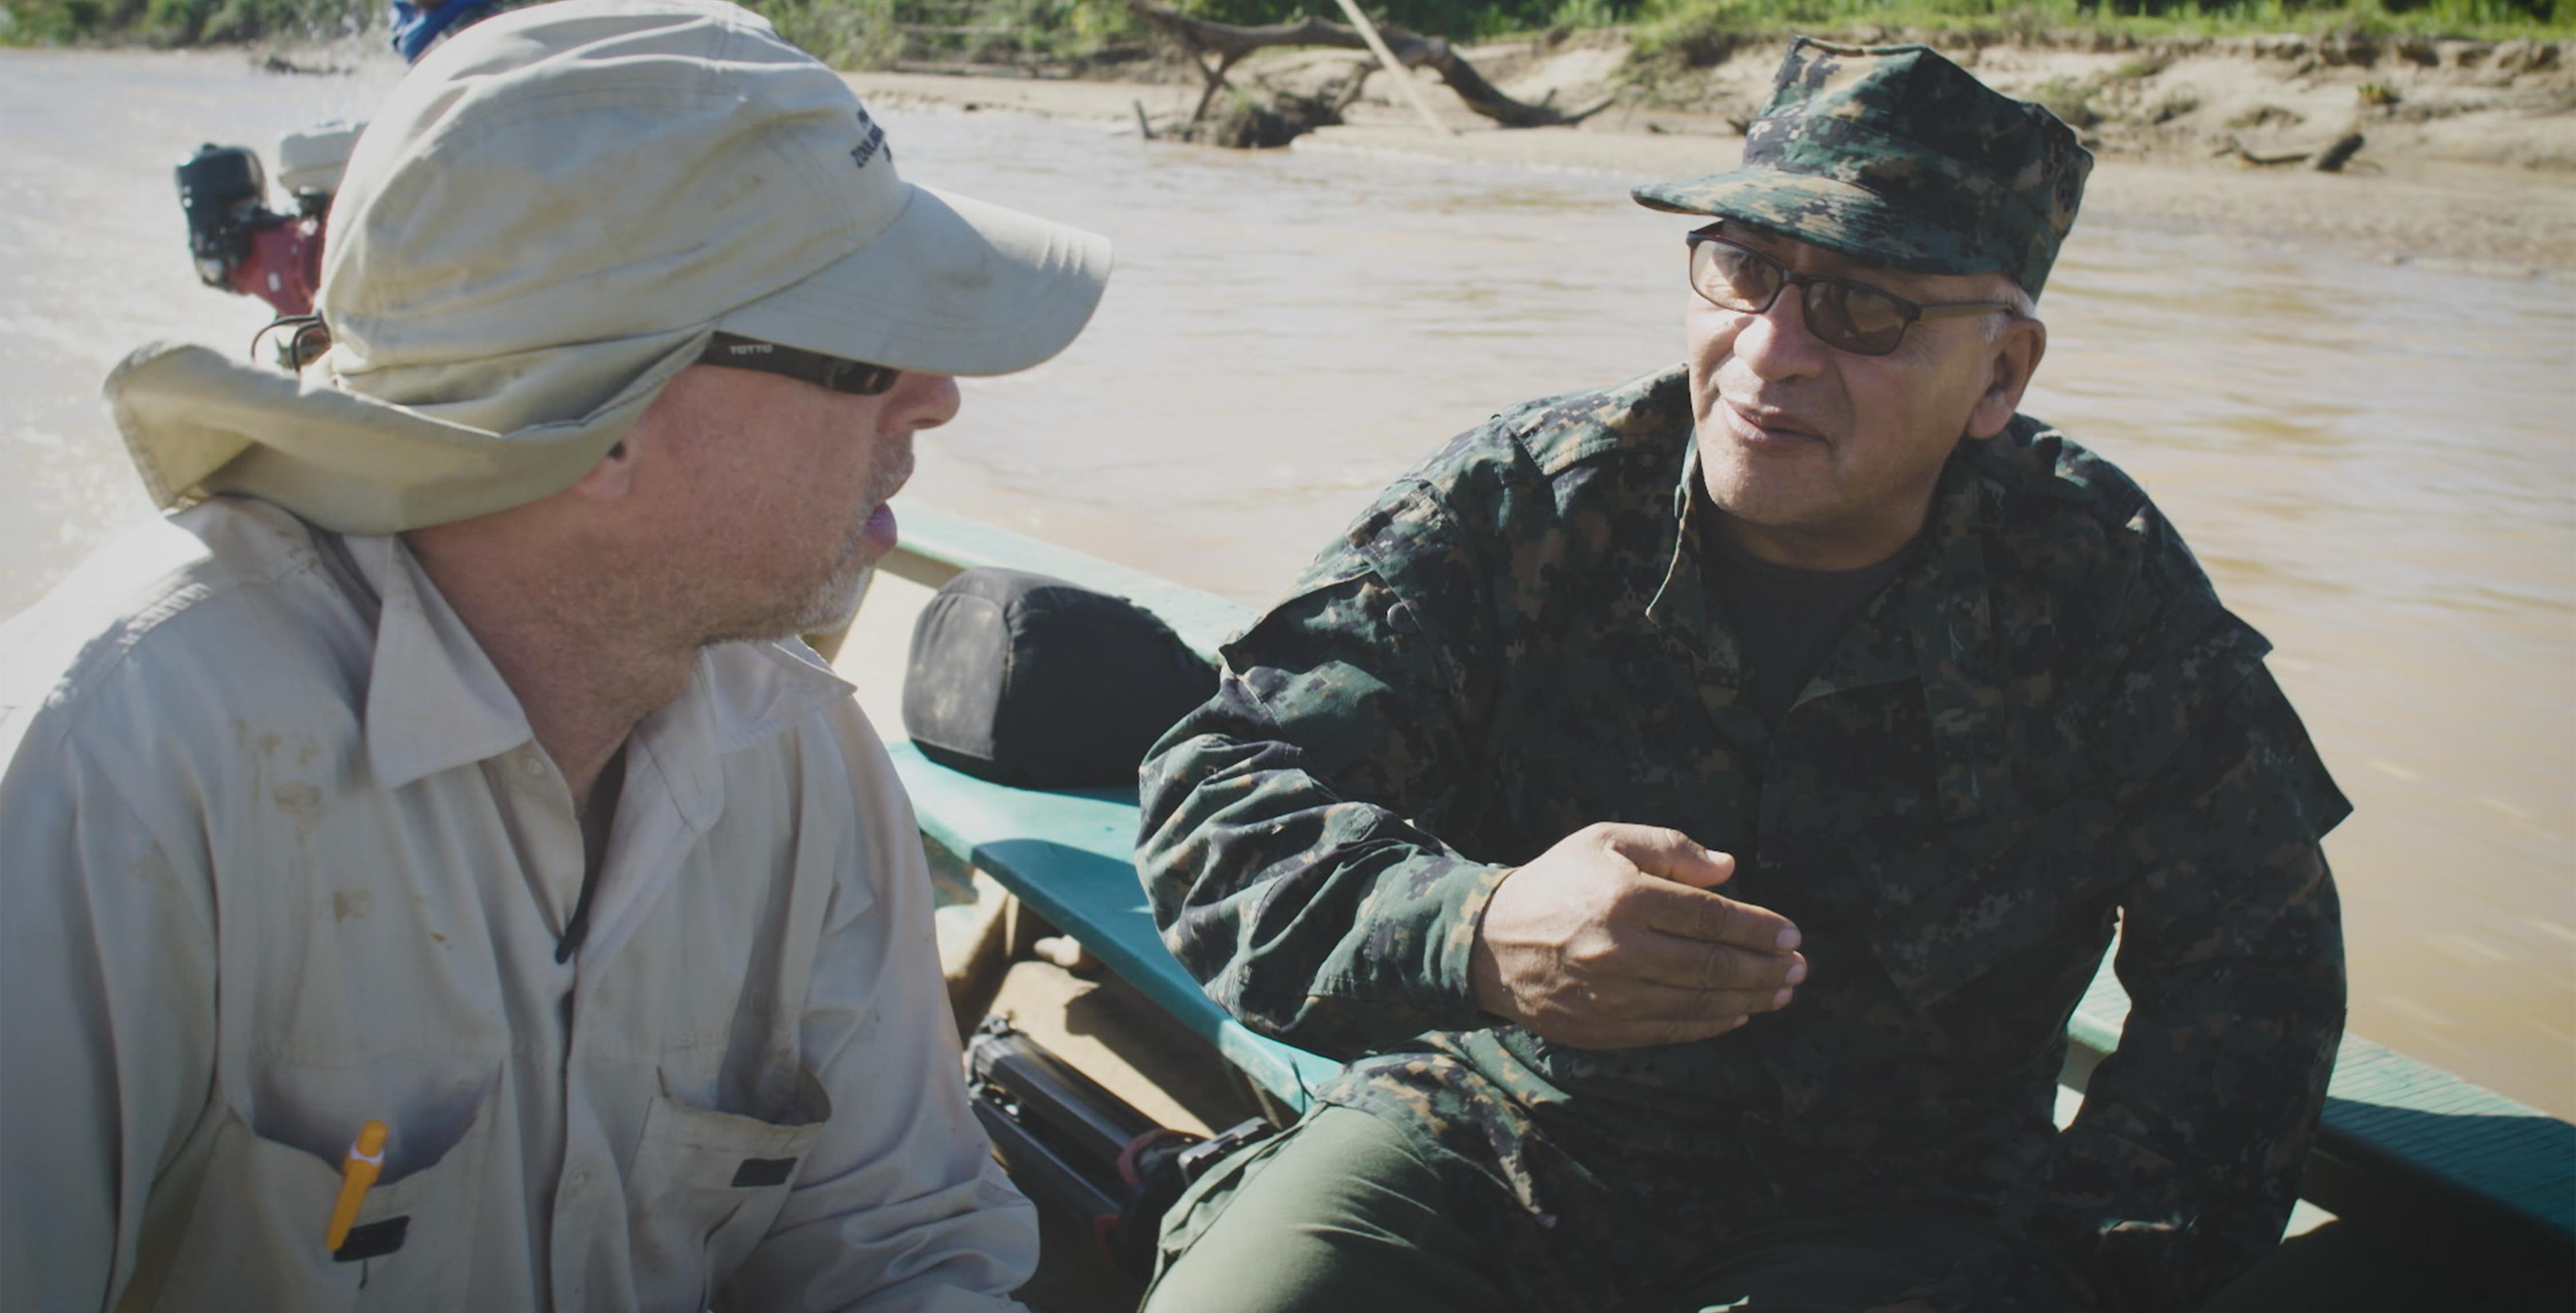 05_Vladimir-Ramirez-Prada-Chef-des-weltberühmten-Tambopata-Nationalparks-im-Südosten-Perus-navigiert-entlang-der-Pisten-der-illegalen-Goldgräber